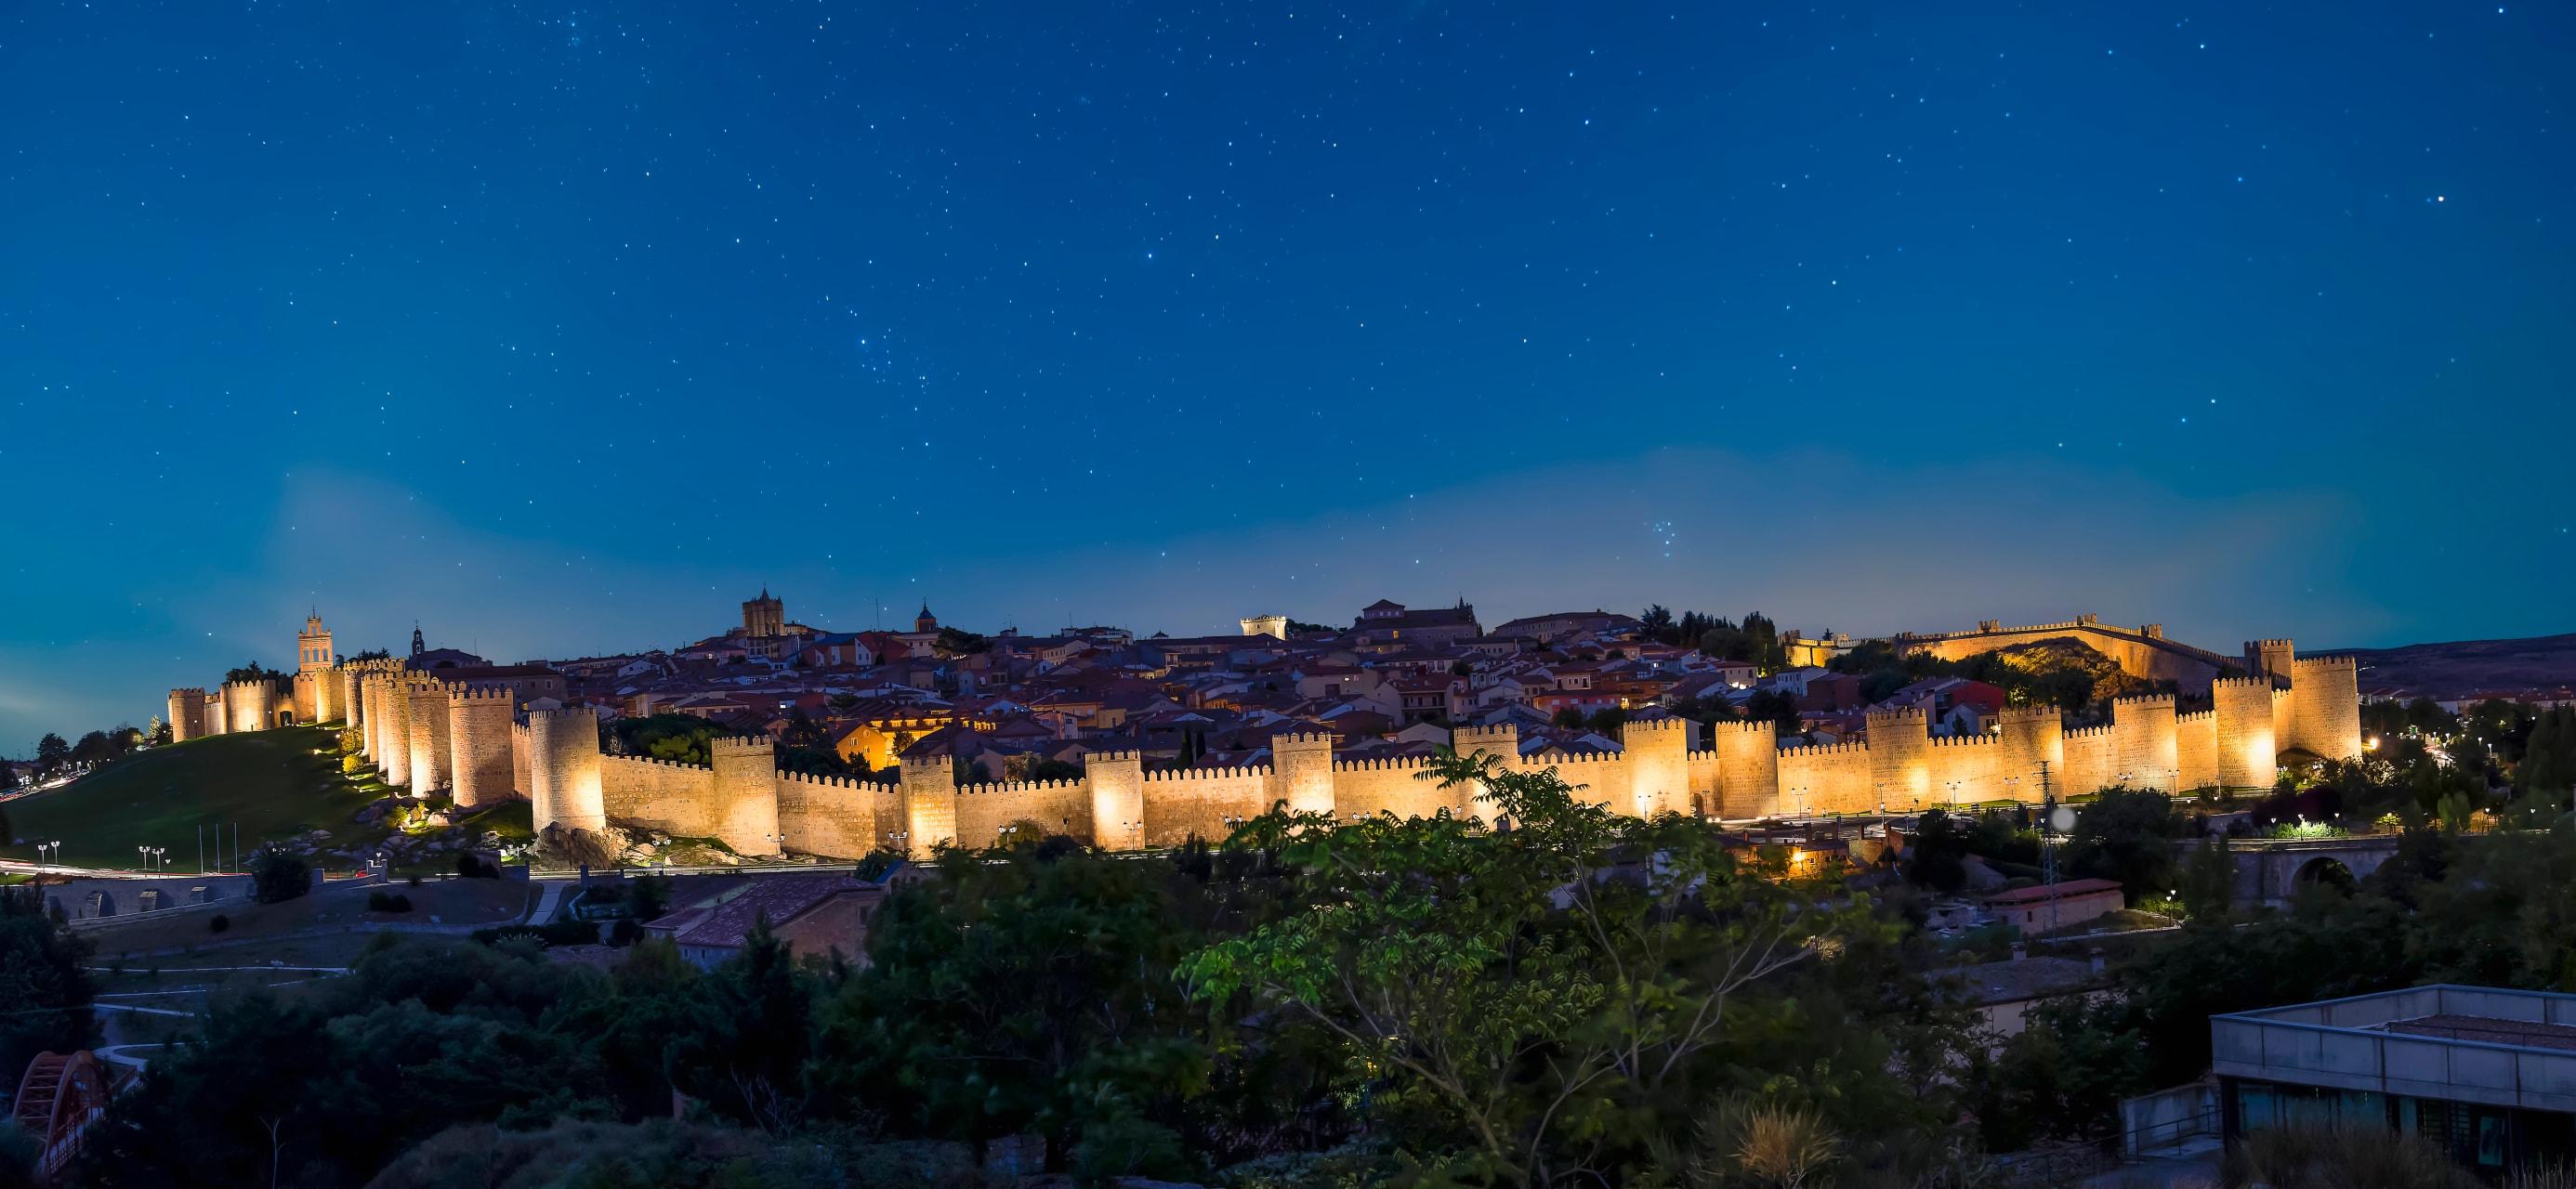 Ávila - Ávila and the Wall by Night